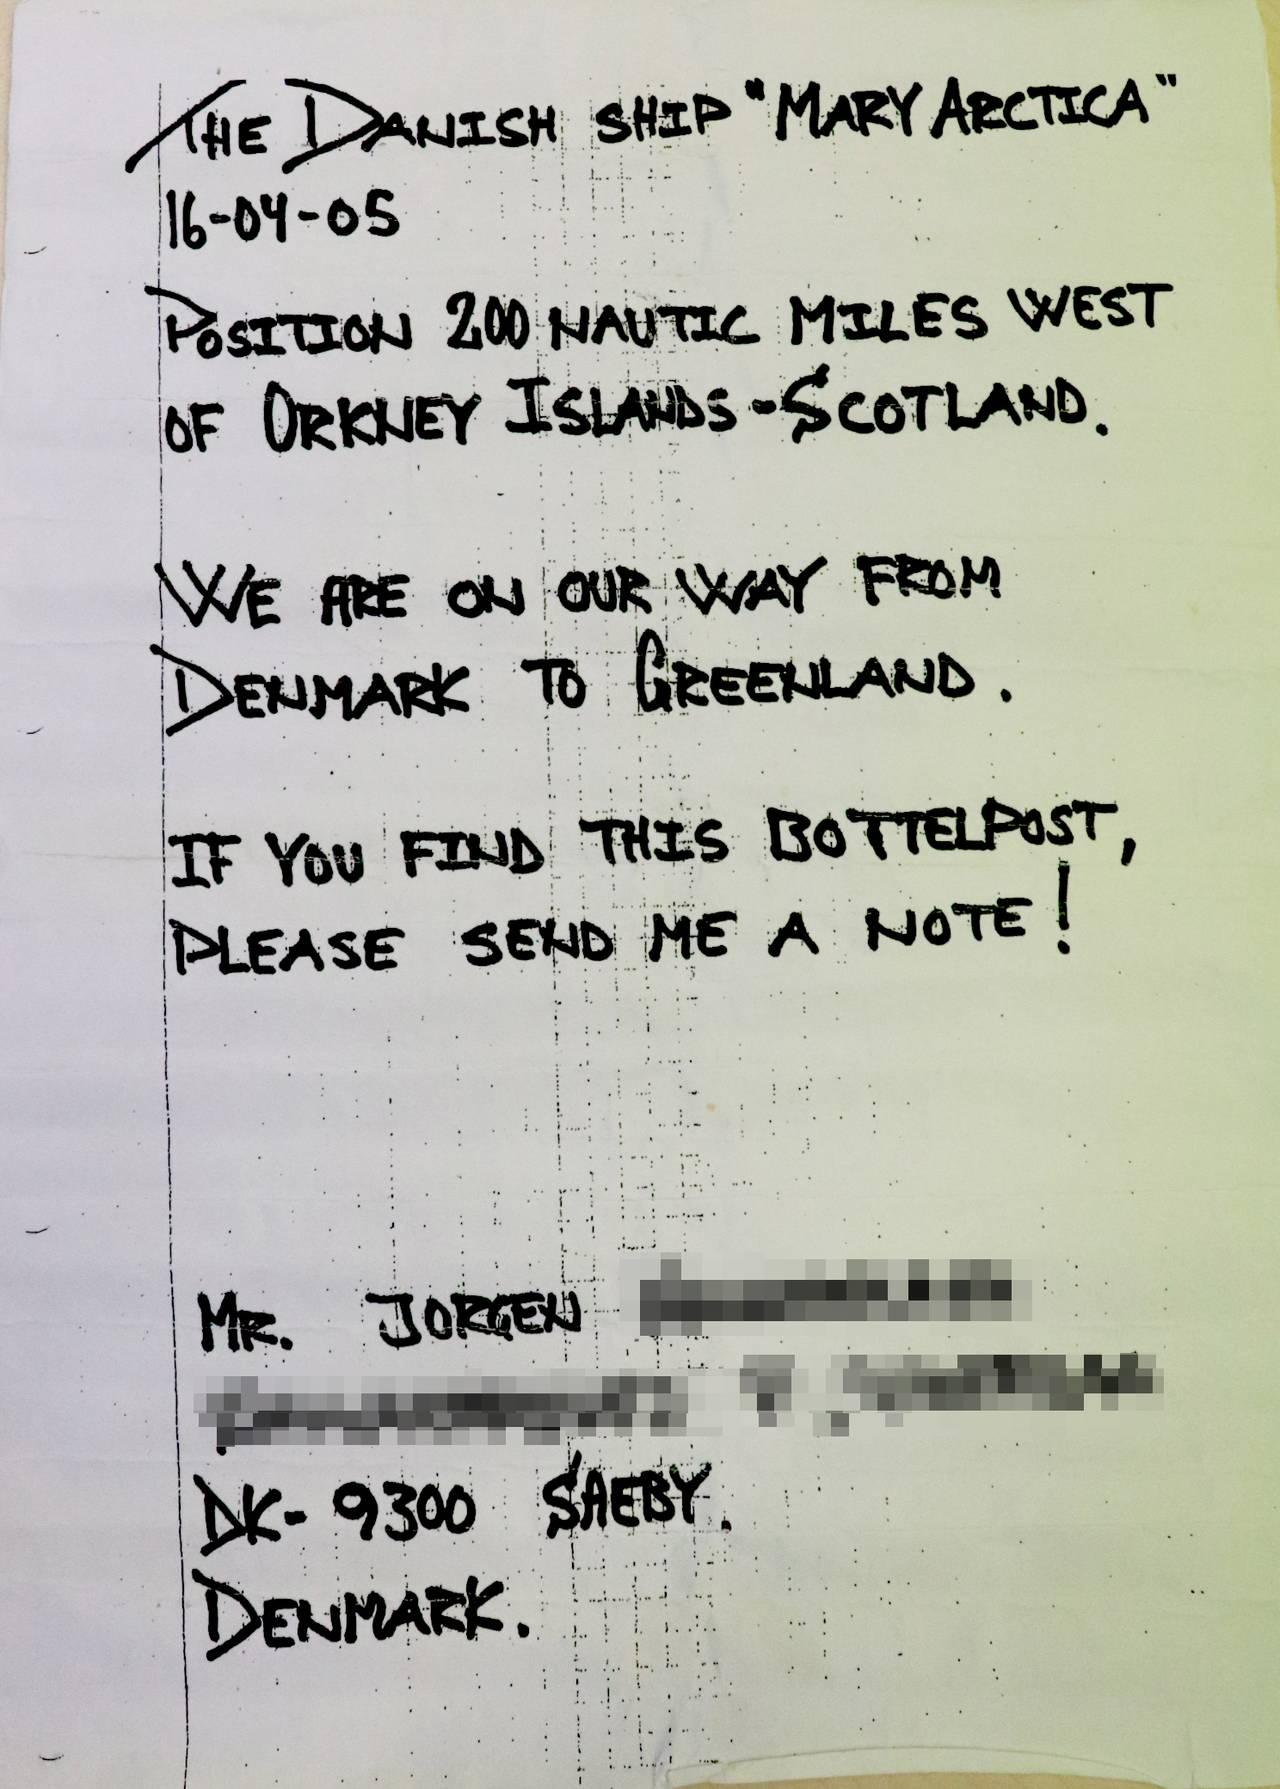 Flaskepost fra danske Jorgen, sendt fra skipet Mary Arctica i april 2005 utenfor Orknøyene. Han skriver blant annet